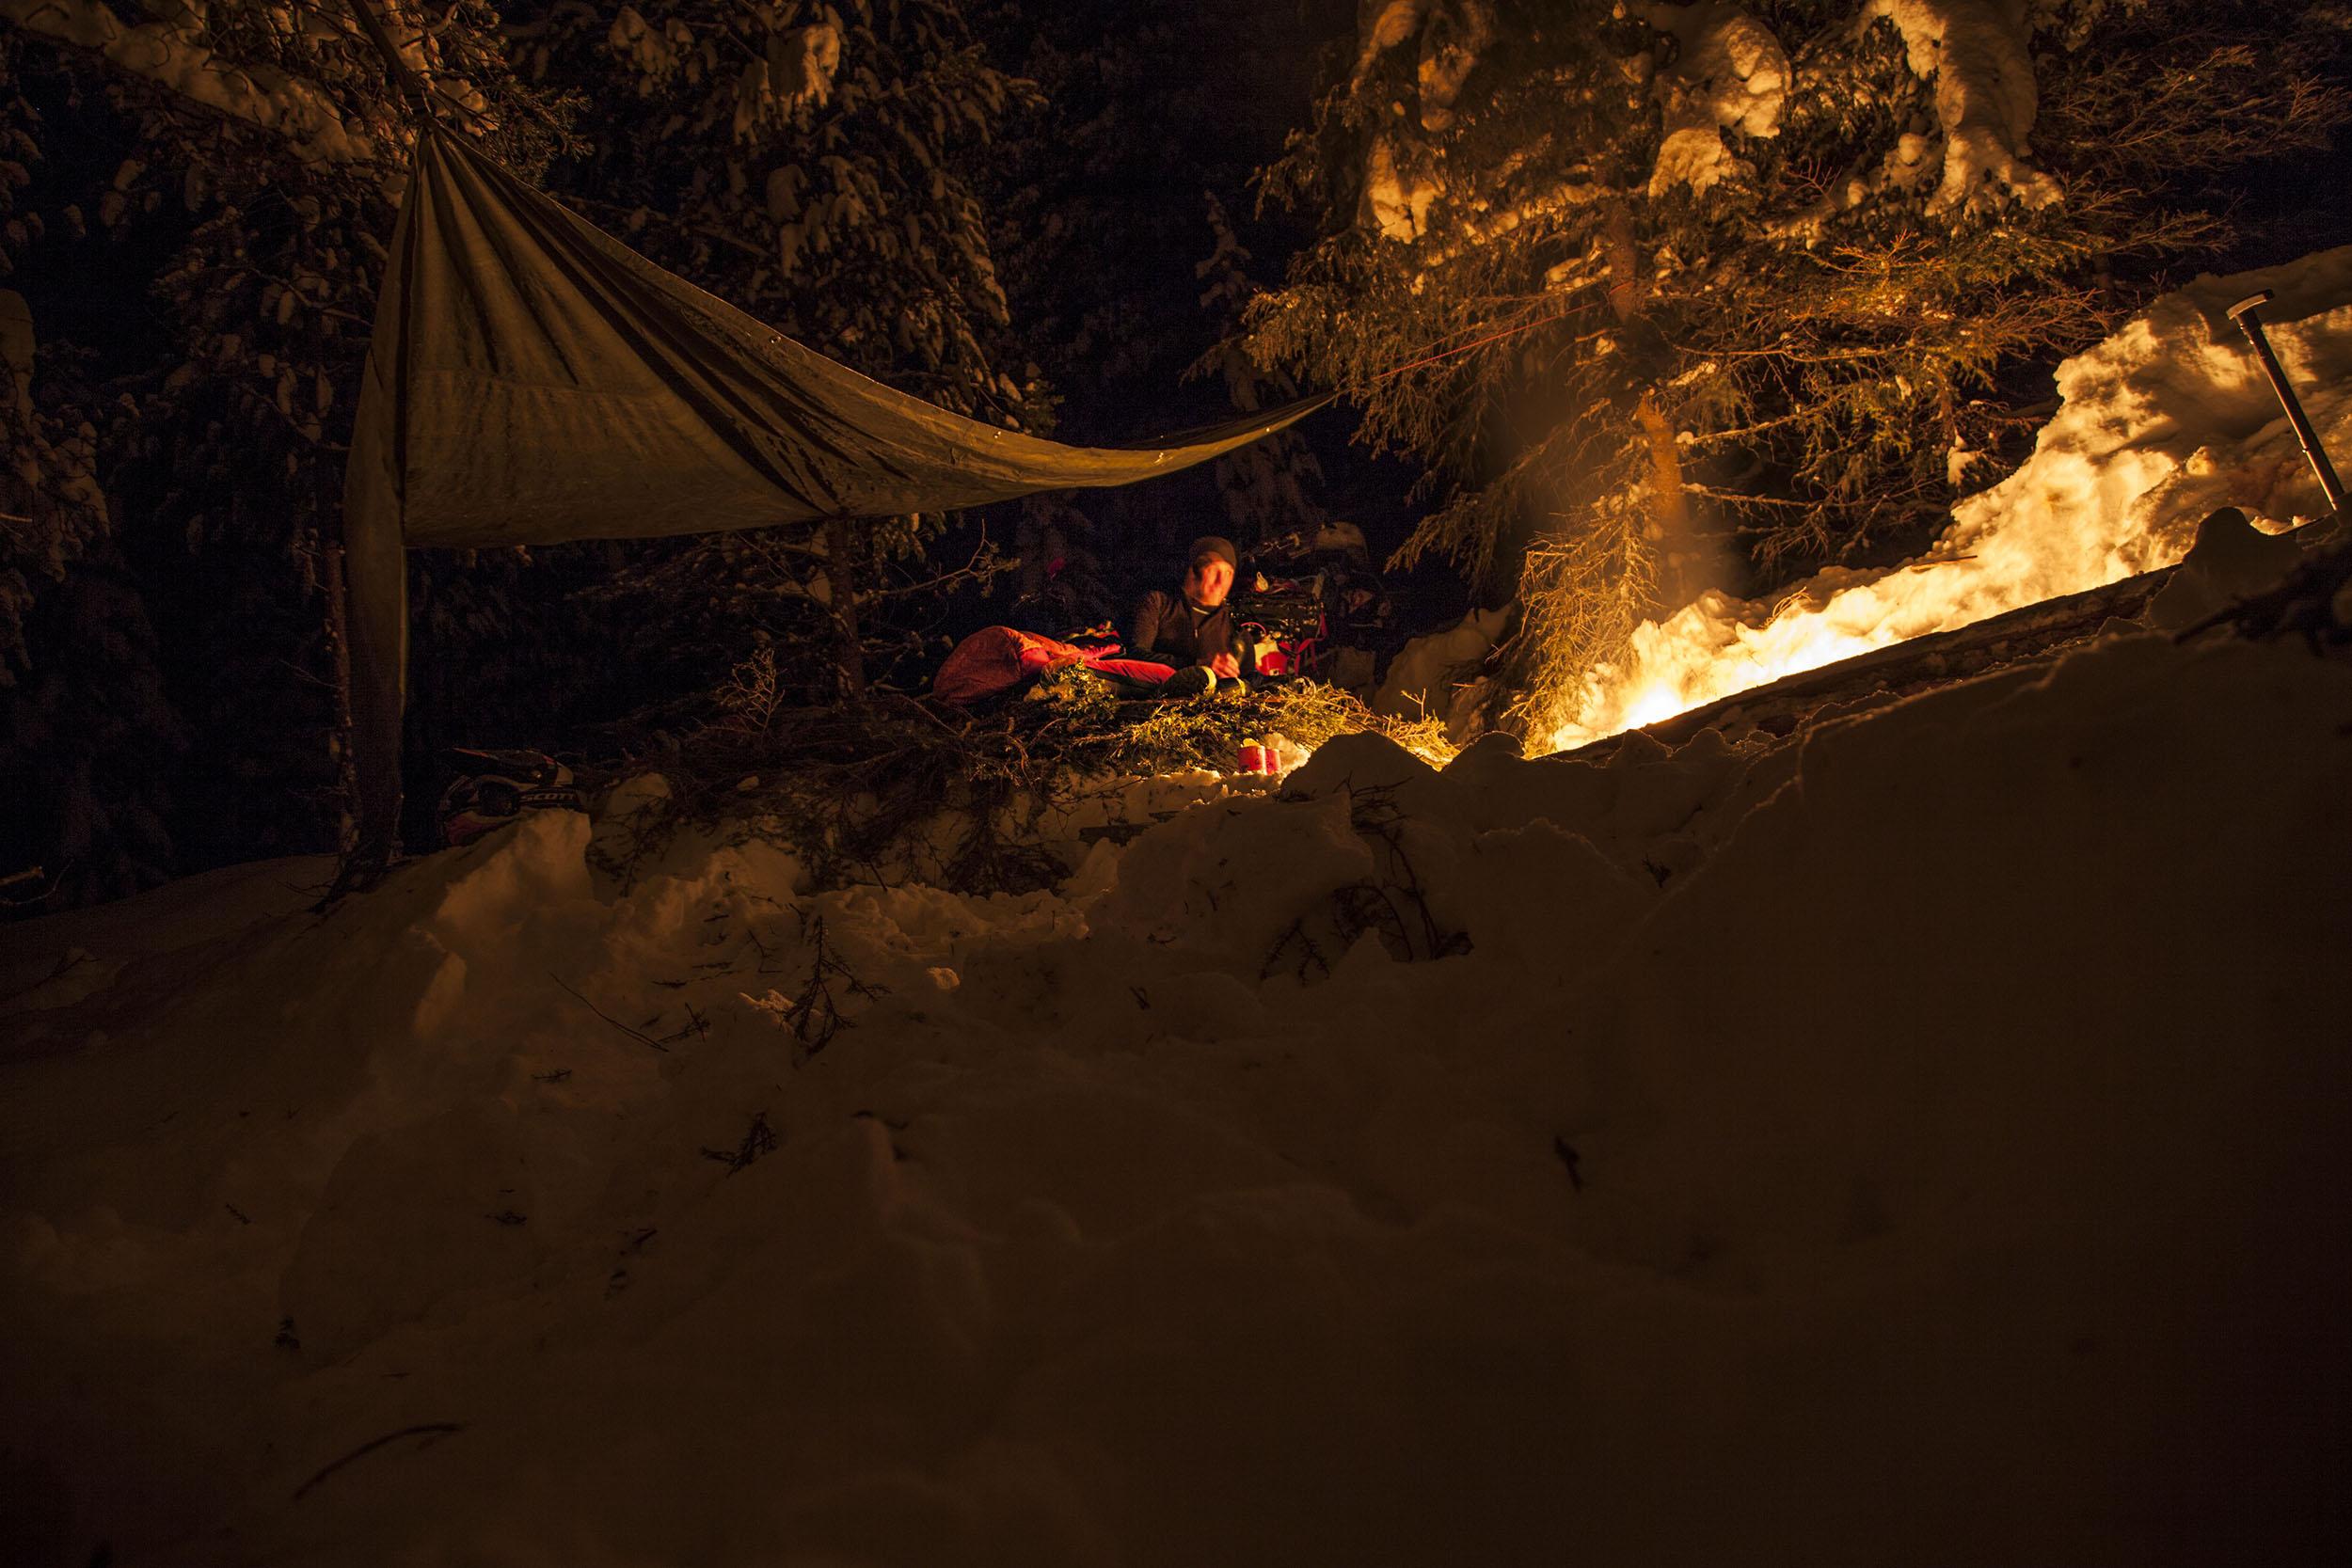 Natten började på bästa tänkbara sätt bredvid elden på en väl tilltagen bädd av granris. Synd bara att temperaturen under småtimmarna gick från cirka tre minusgrader till - 17. Detta föranledde en del roliga ordväxlingar då det visade sig att jag inte var den enda som låg vaken och hackade tänder.